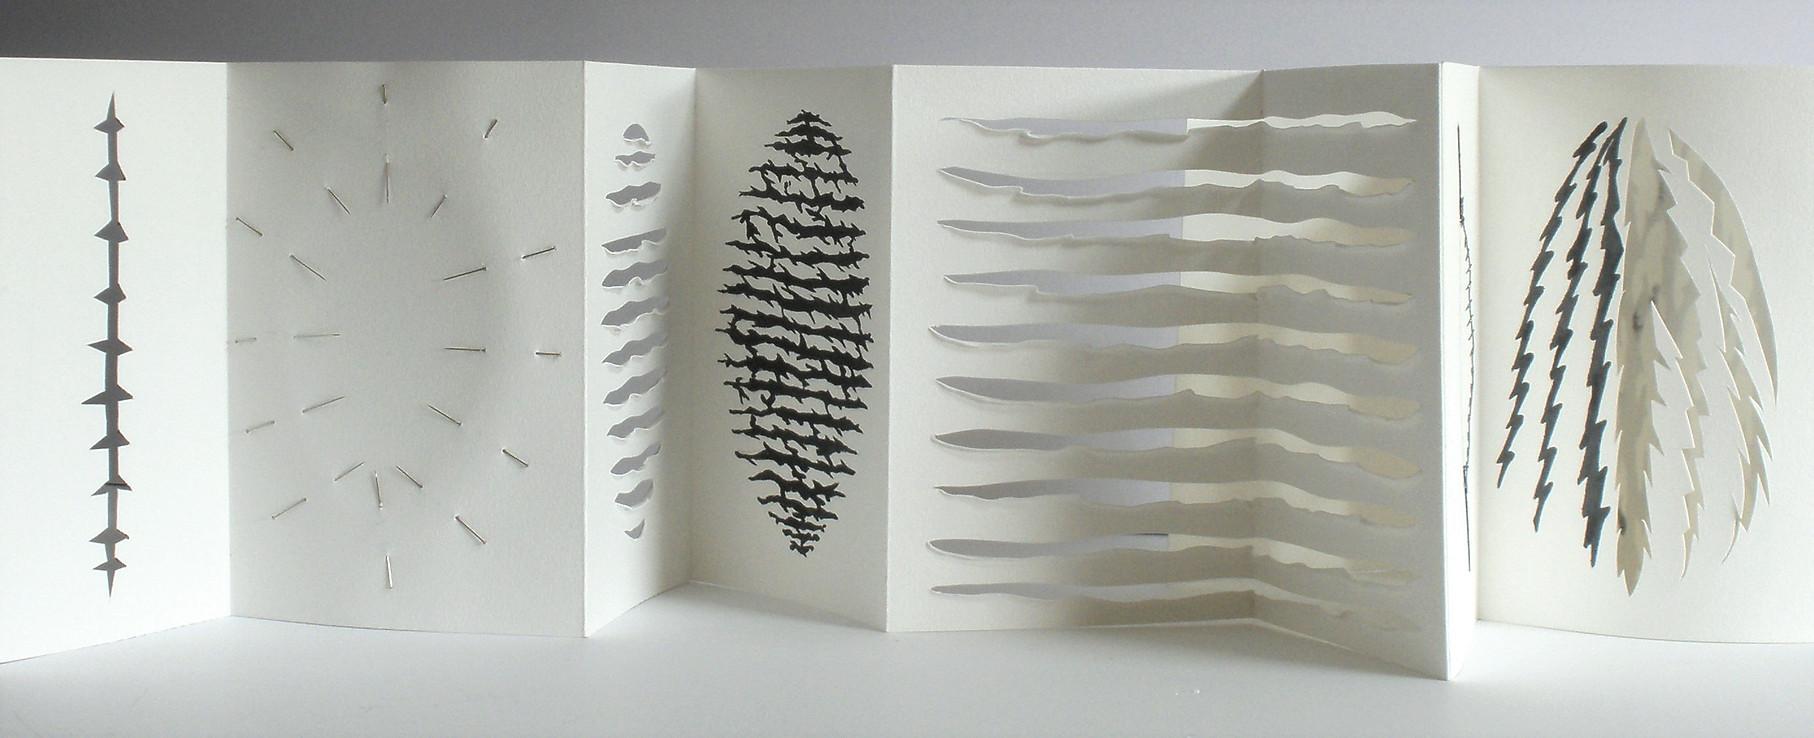 Fragmentadas, 2010